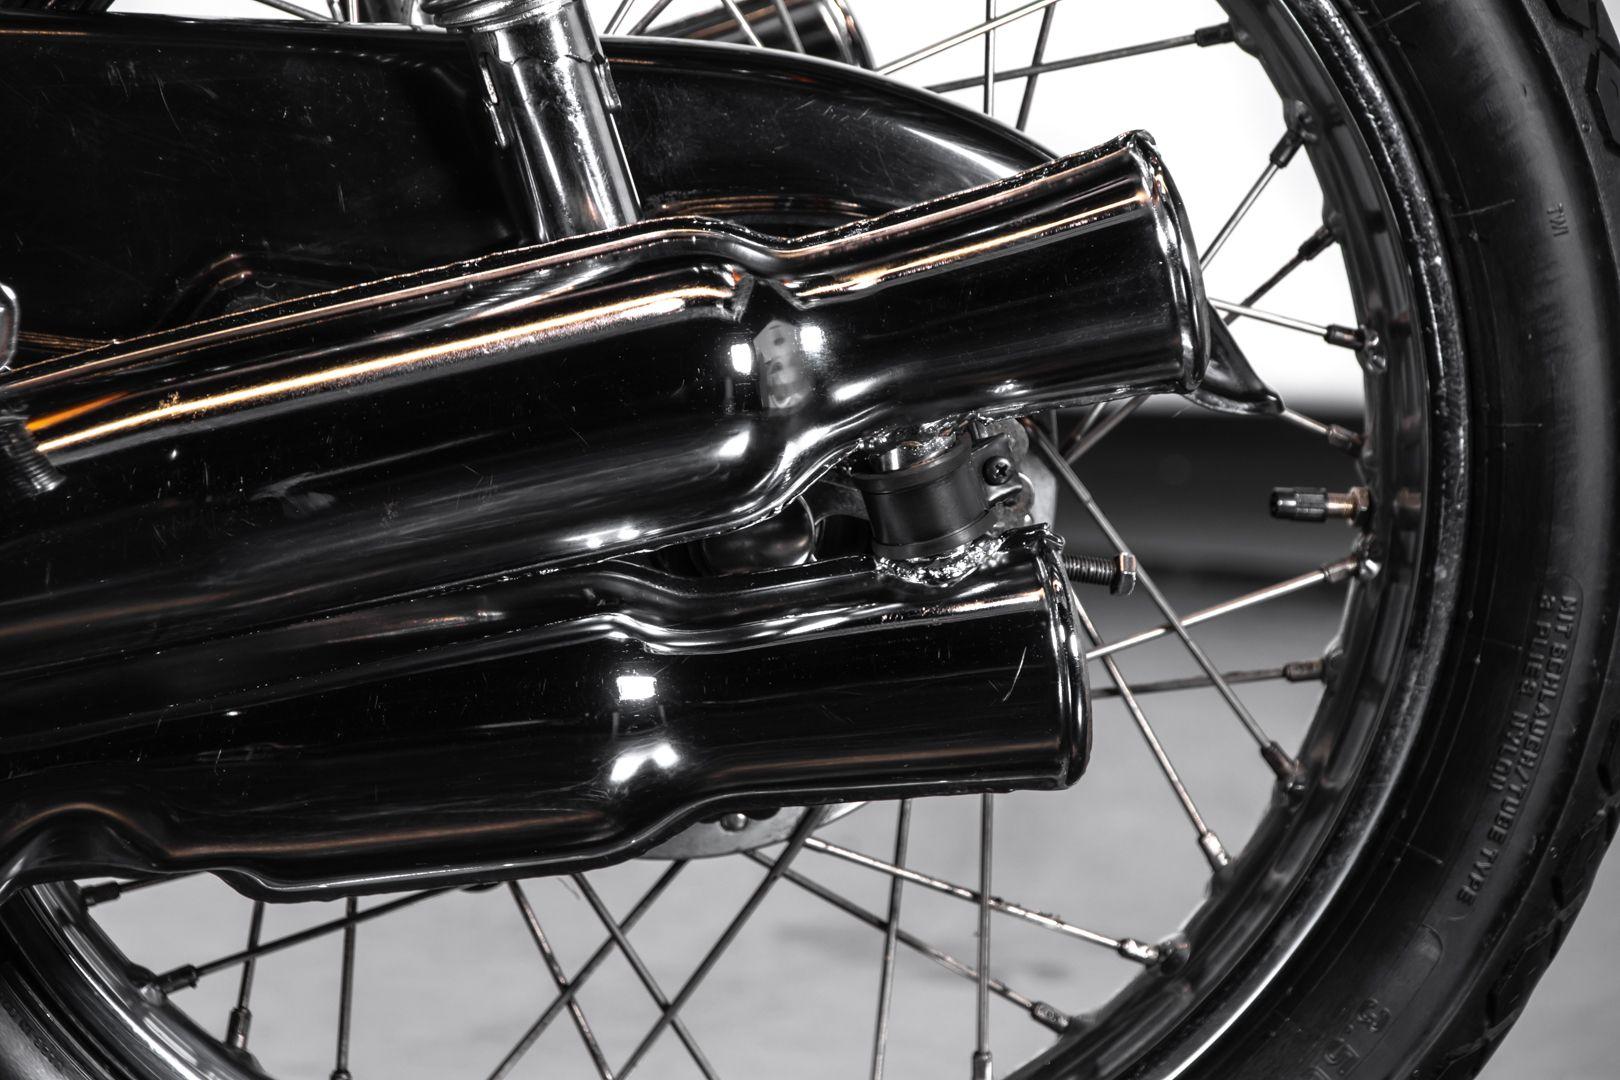 1972 Honda CB 500 Four 77619